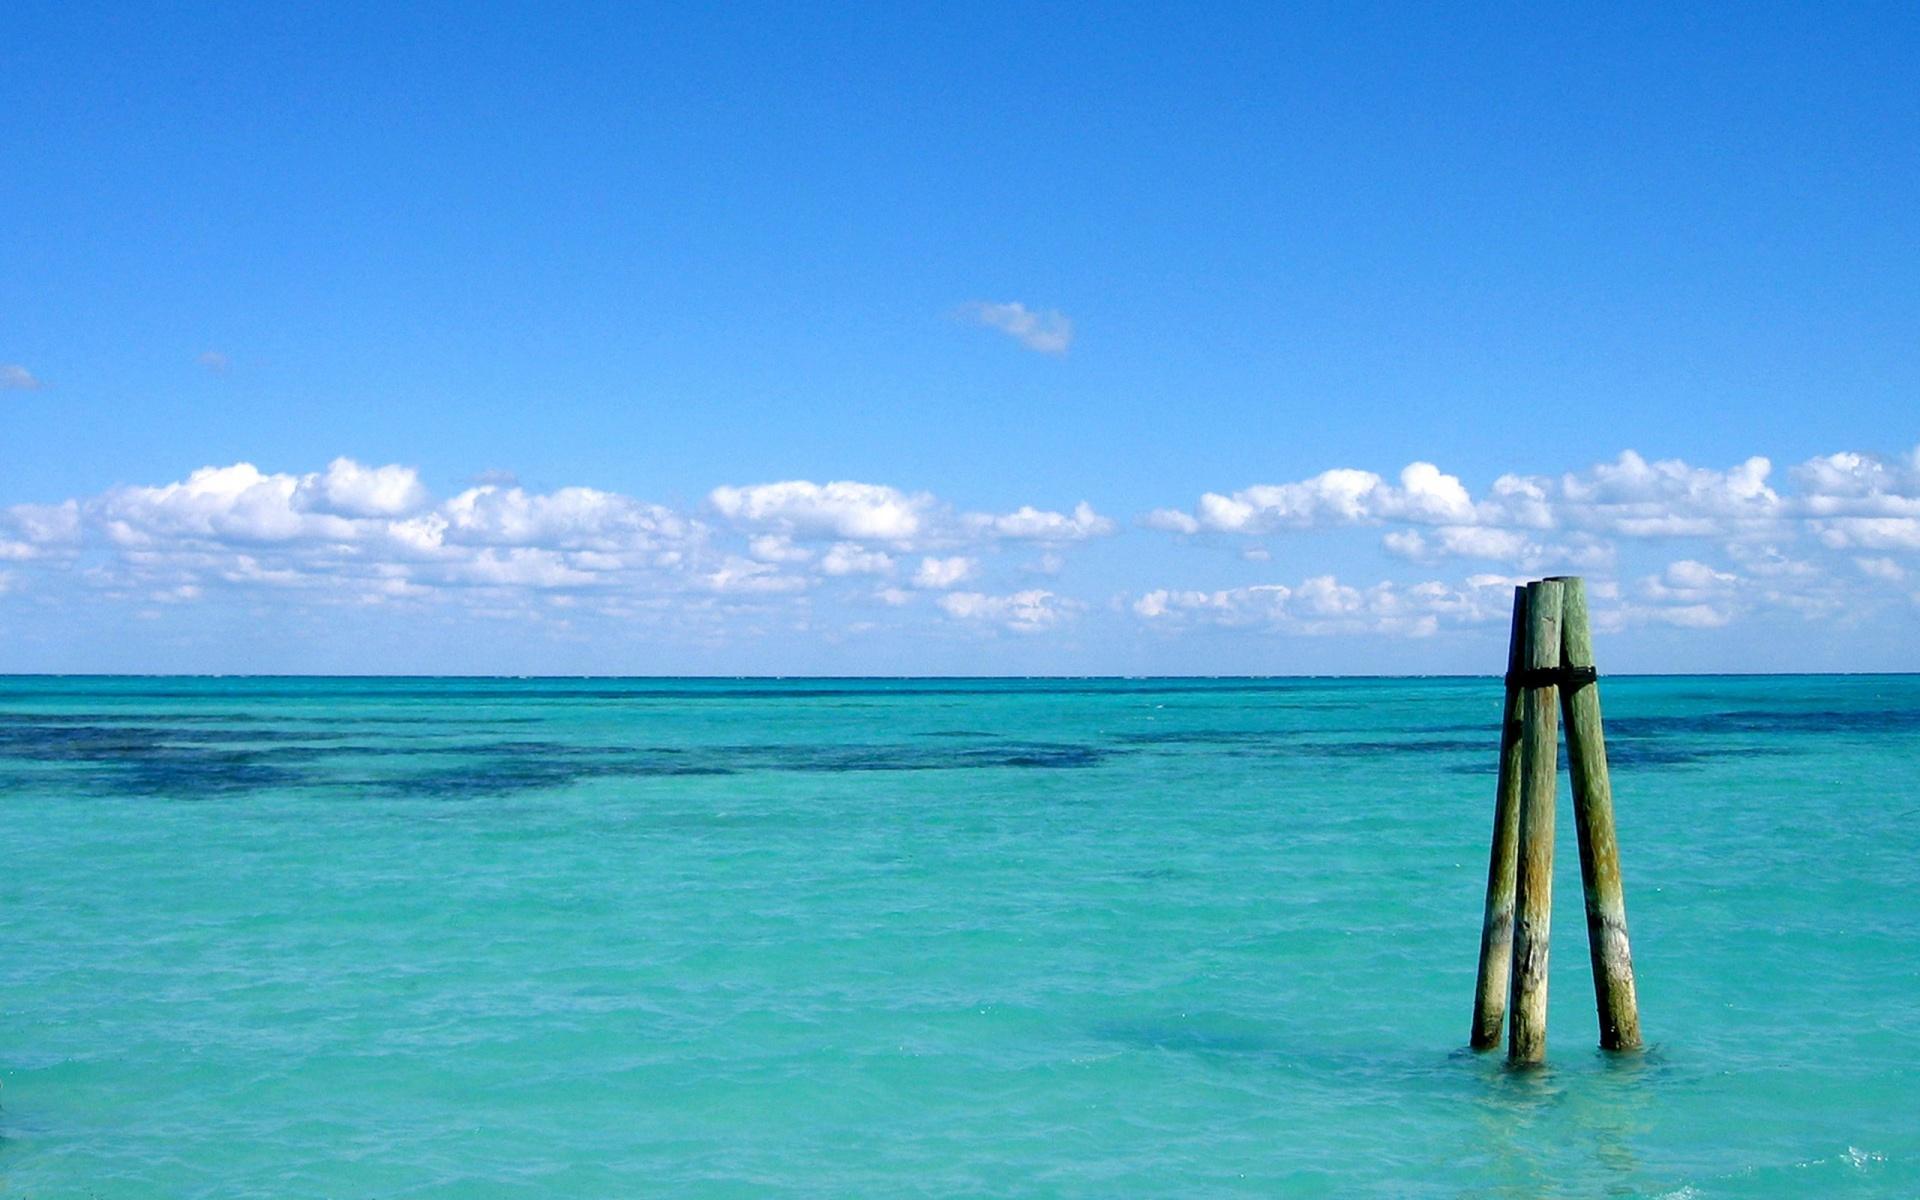 Beautiful Ocean View Wallpapers - 5216